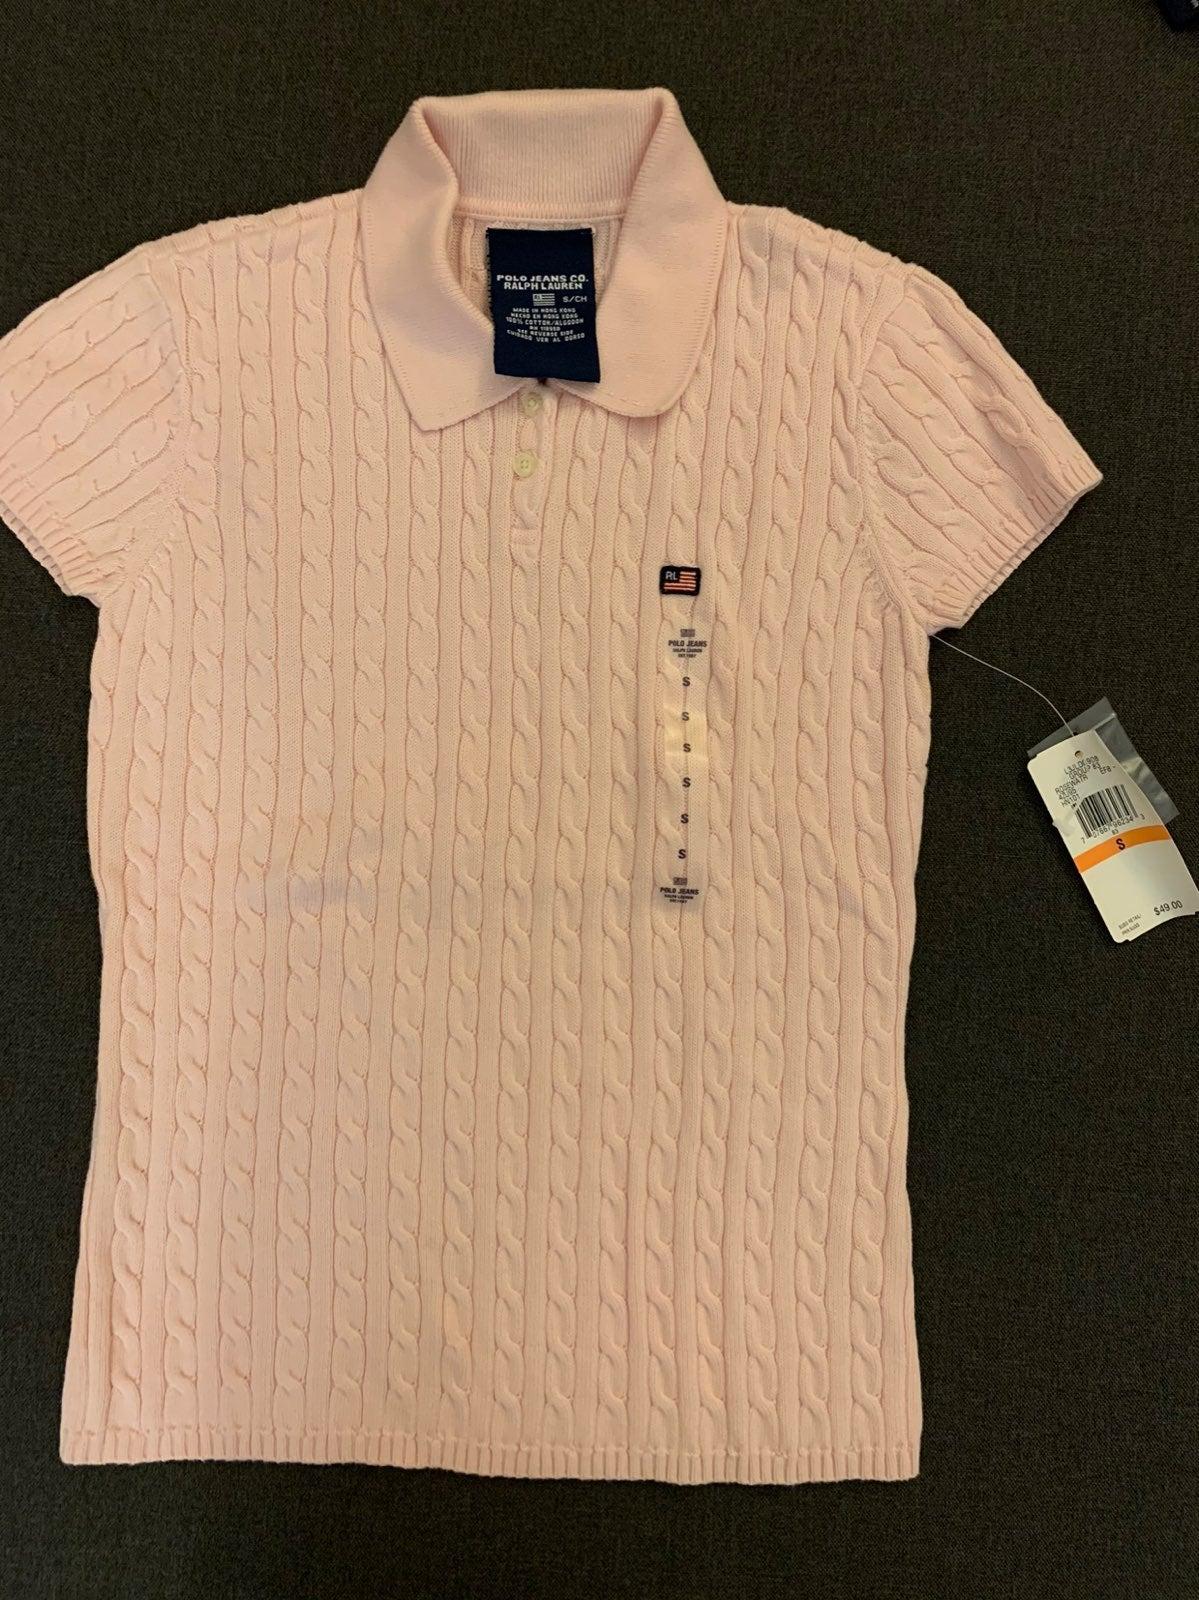 Ralph Lauren knitted polo shirt!